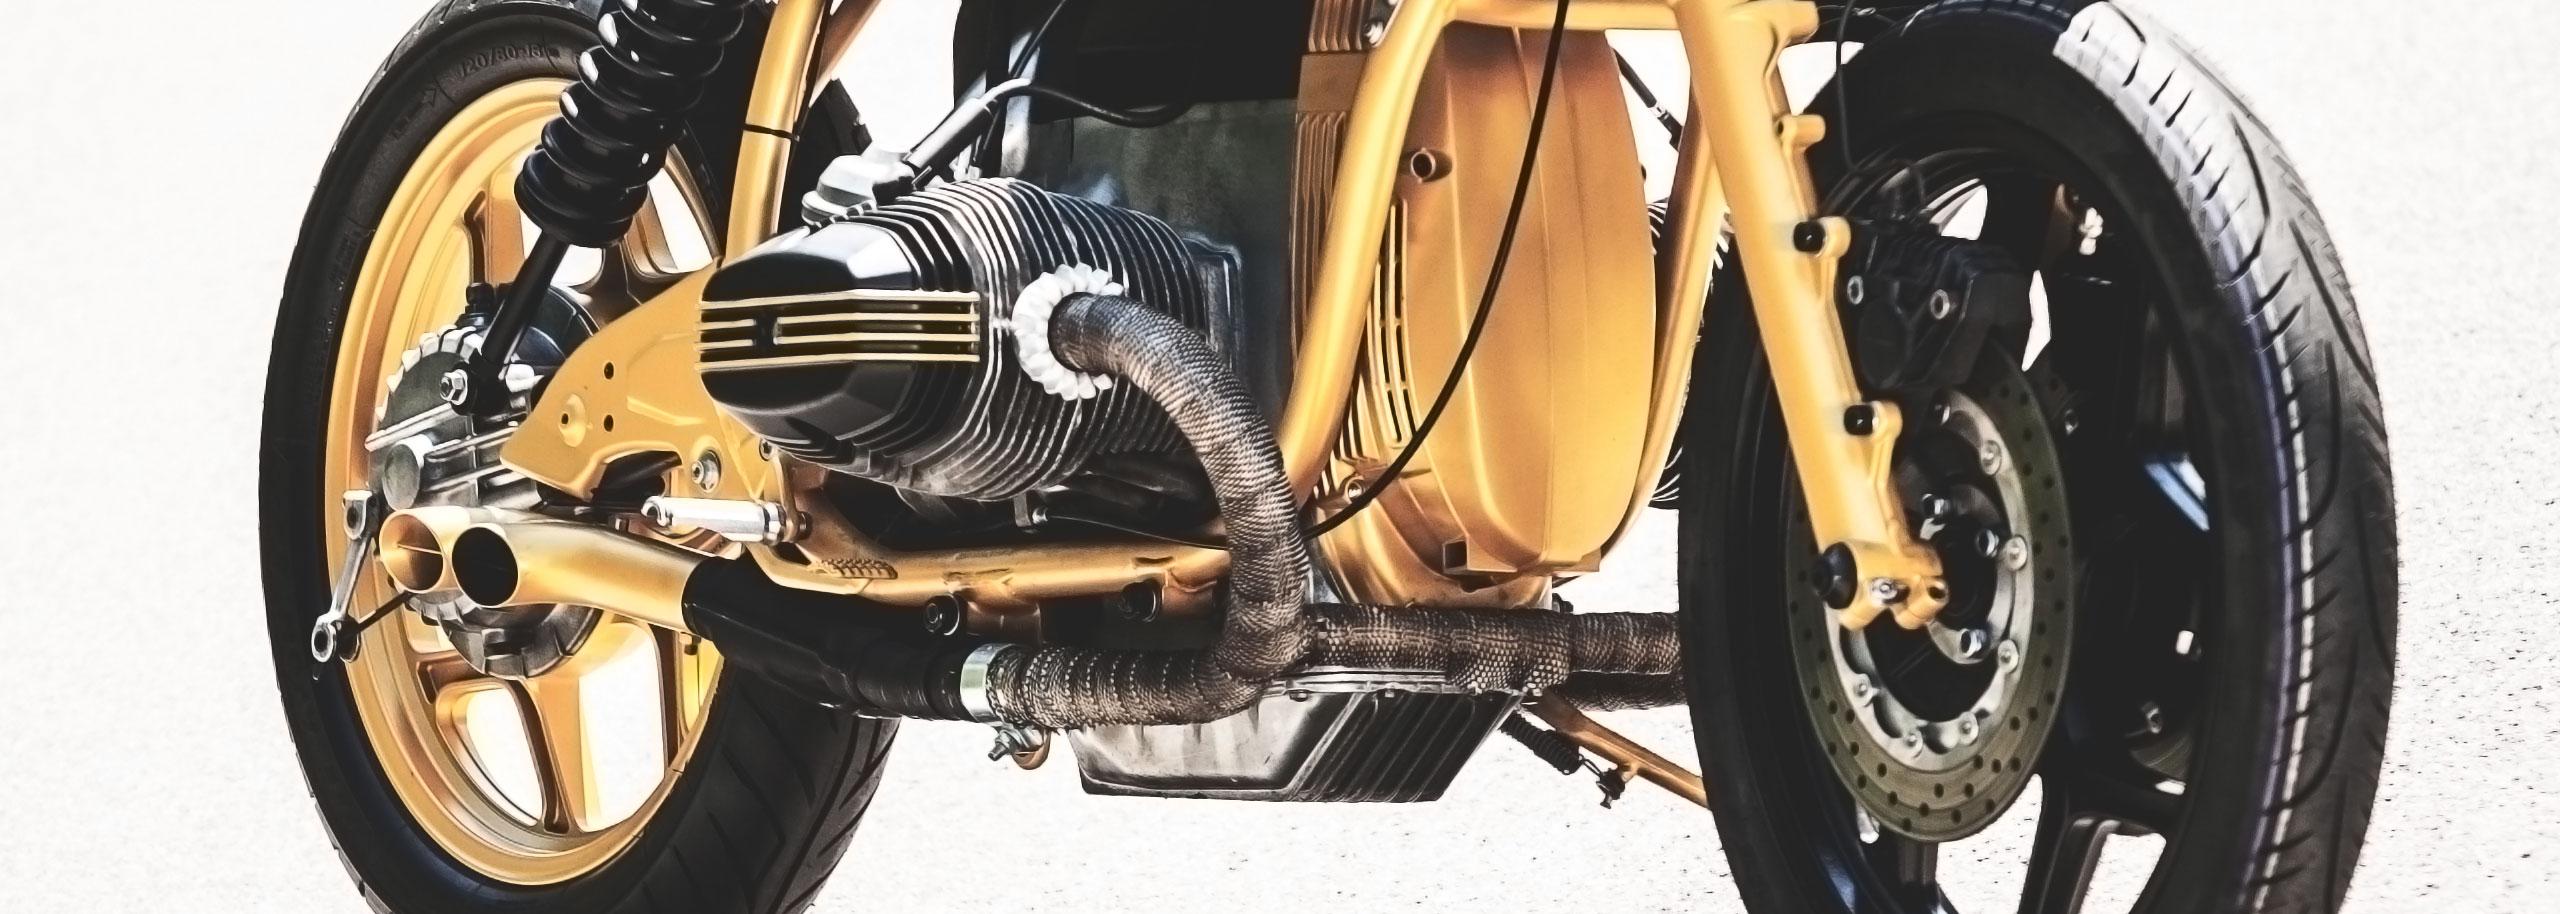 04_TITAN-Goldsmith_BMW-R80-RT_Umbau-Graz_Endurance-Racer-Austria-Vintage_Custom-Bikes-Styria_Typisierte-Umbauten